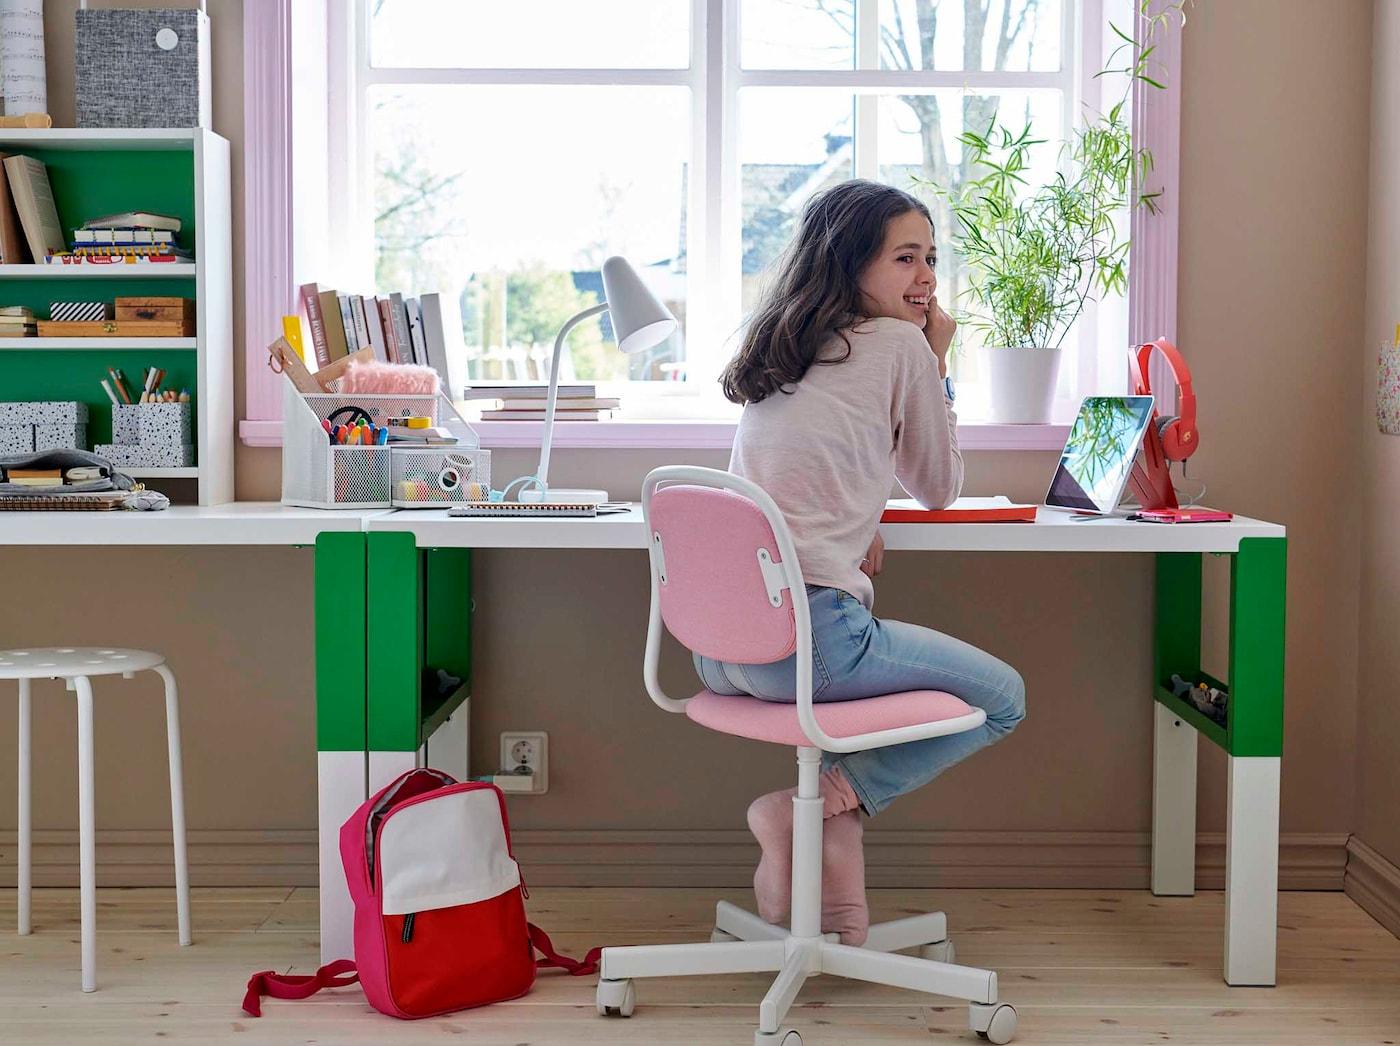 Värikäs ja käytännöllinen työpiste, jossa koululainen tekee läksyjä.